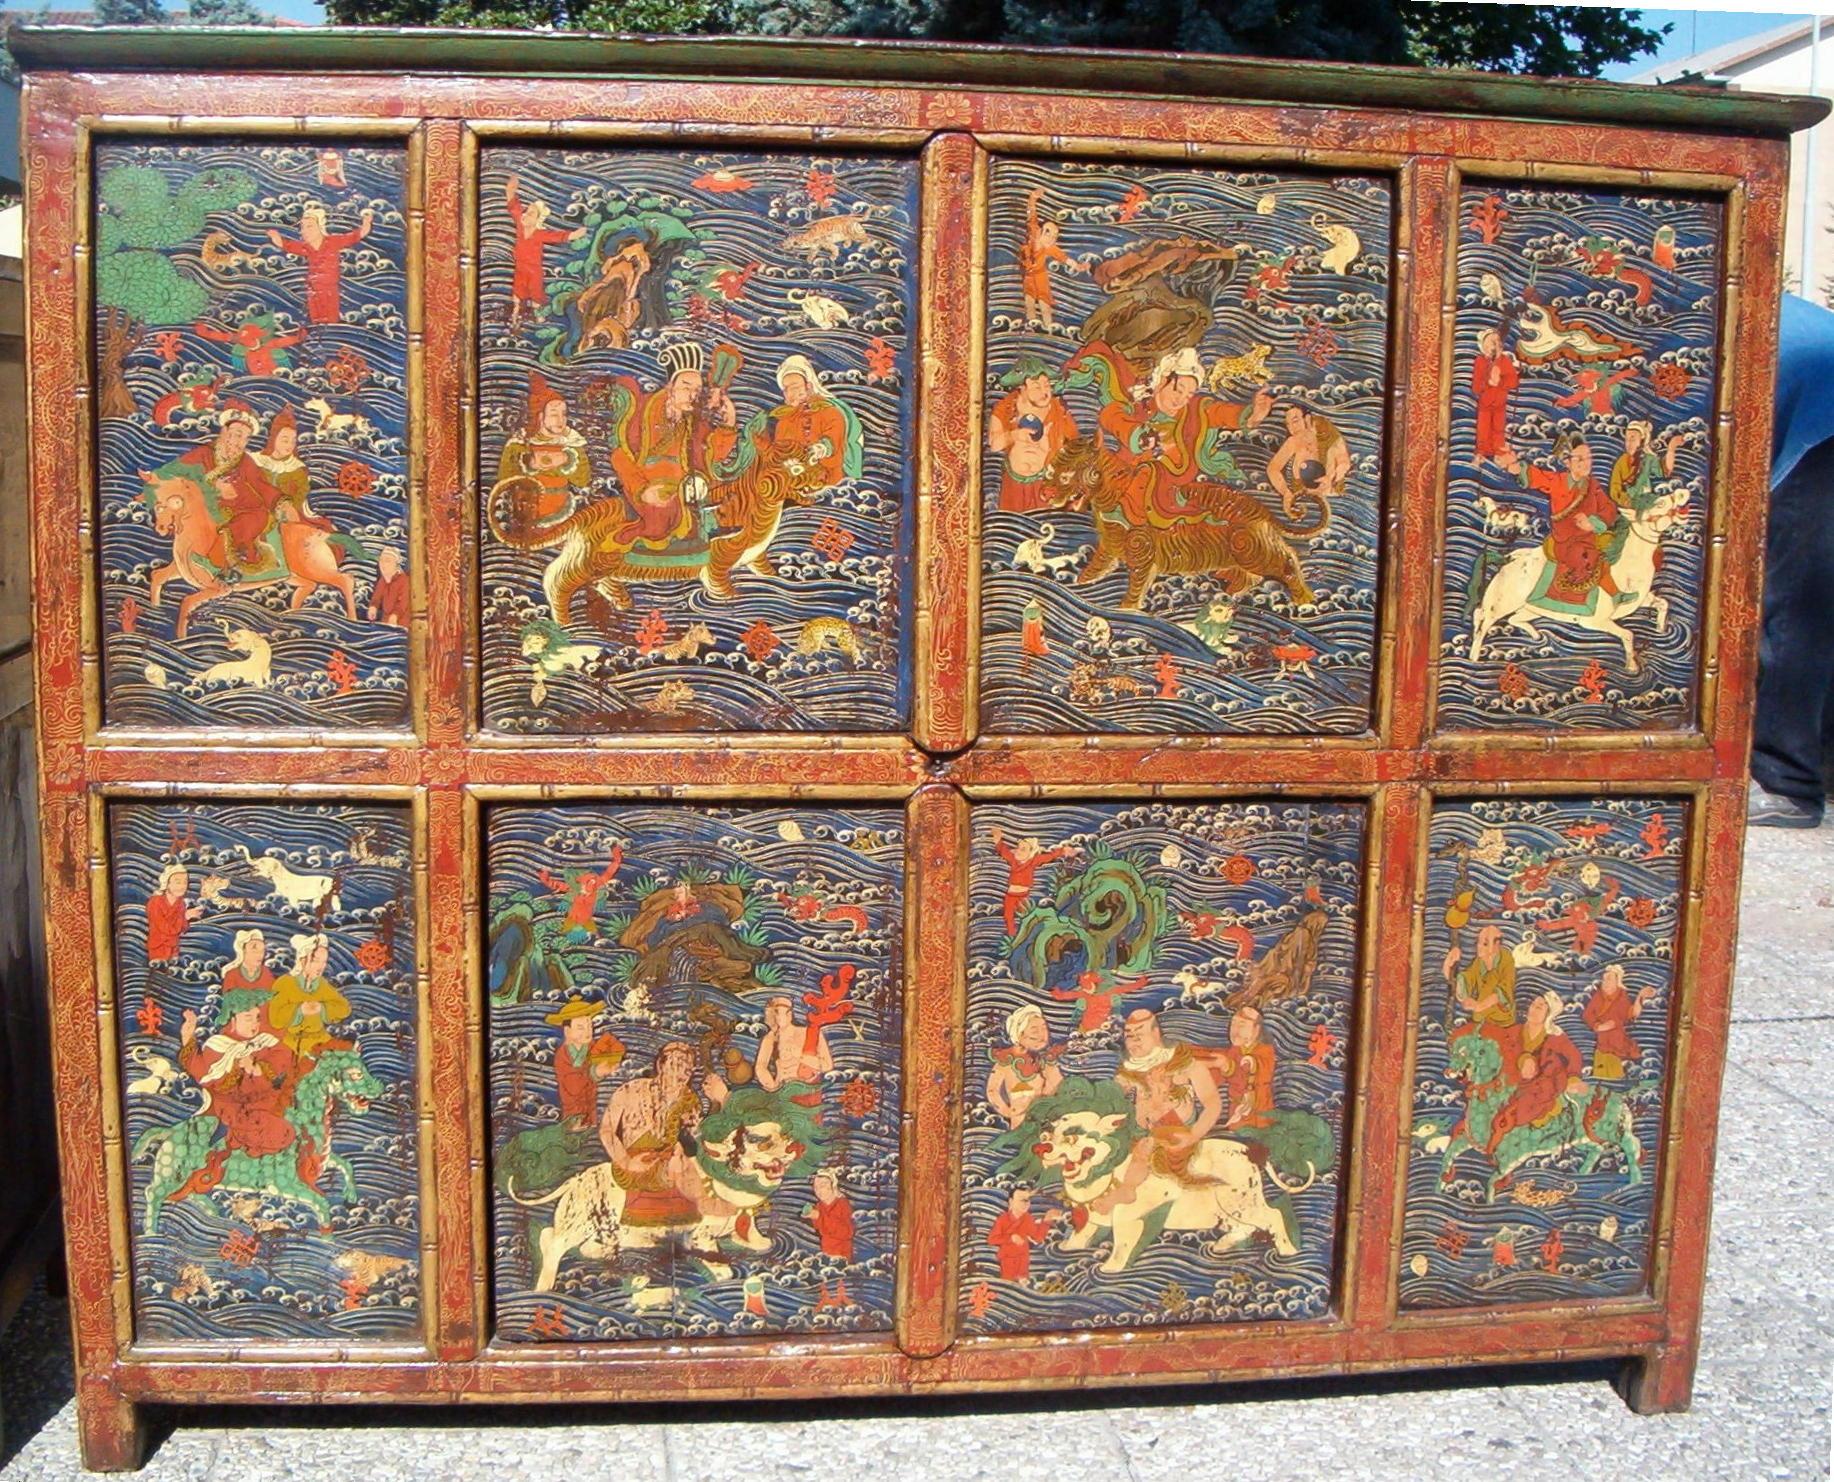 Latitudini mobili le tecniche decorative dei mobili tibetani - Mercatino dei mobili usati ...